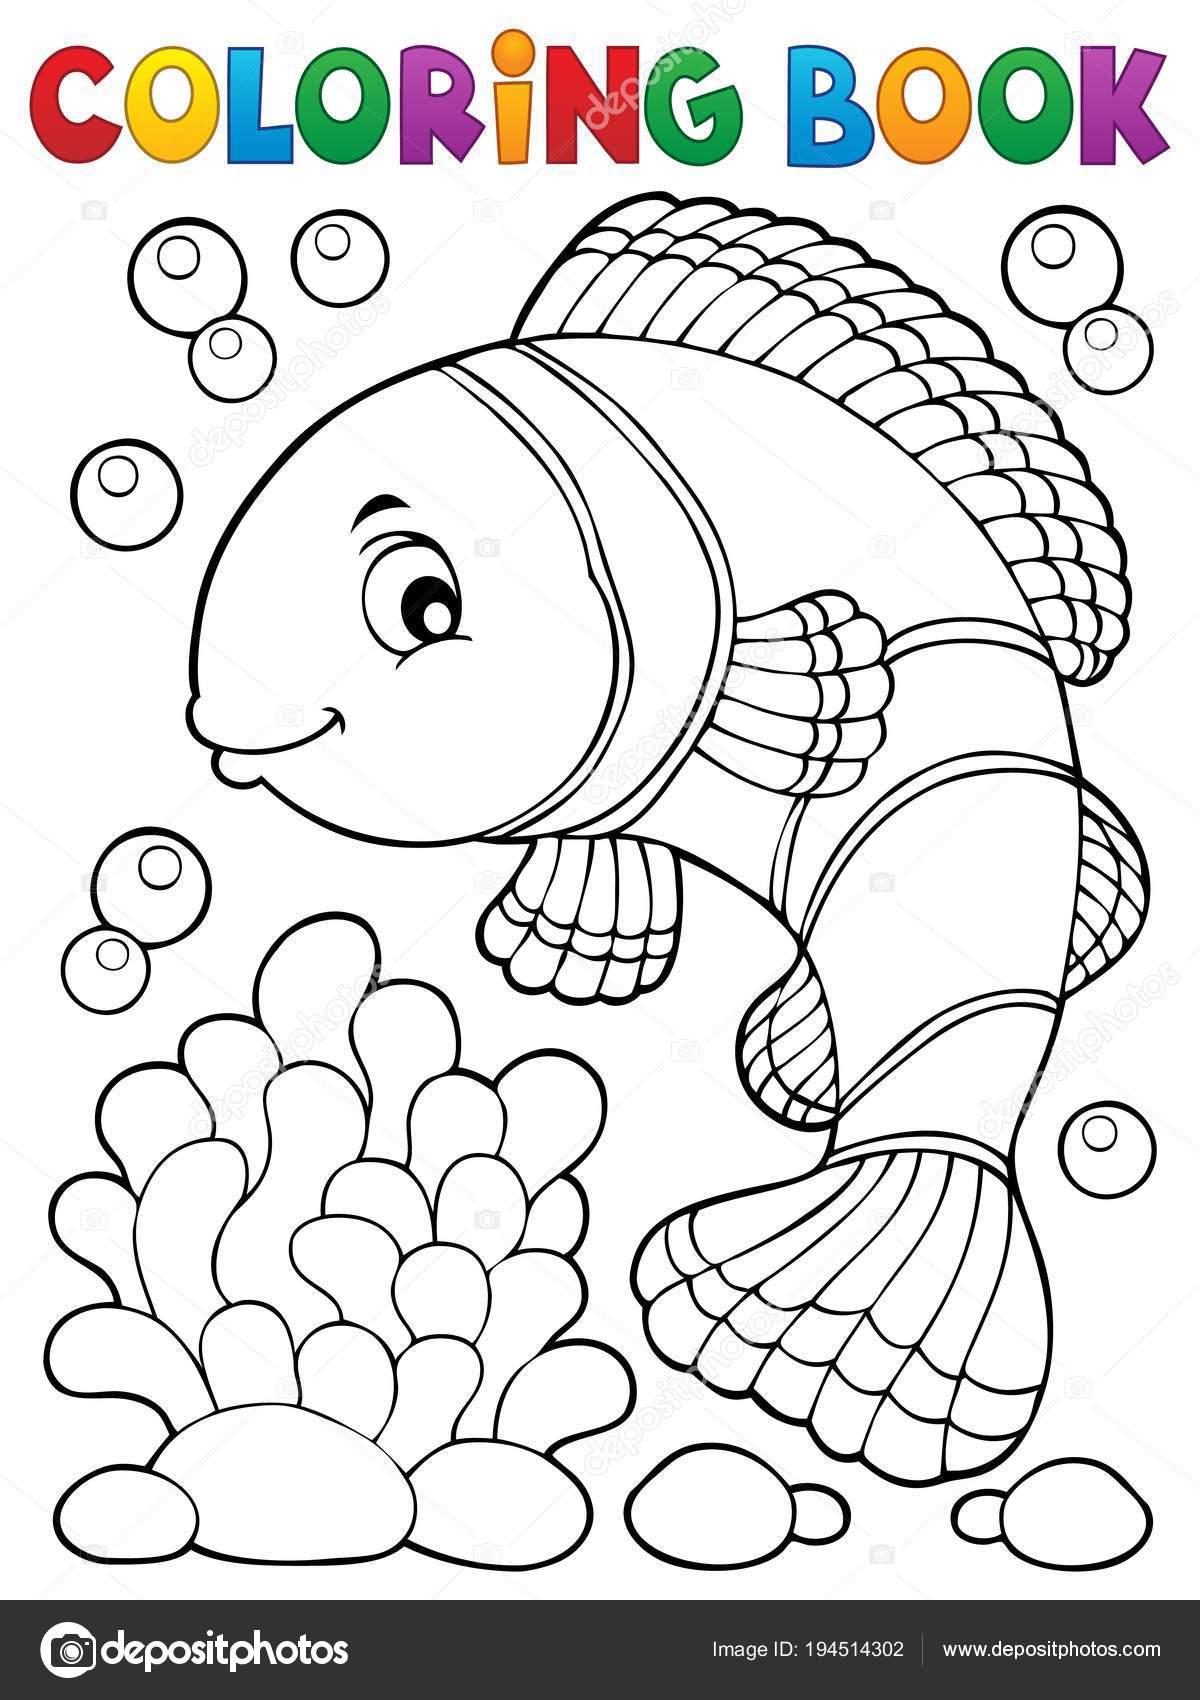 Tema de pez payaso para colorear libro 1 — Archivo Imágenes ...